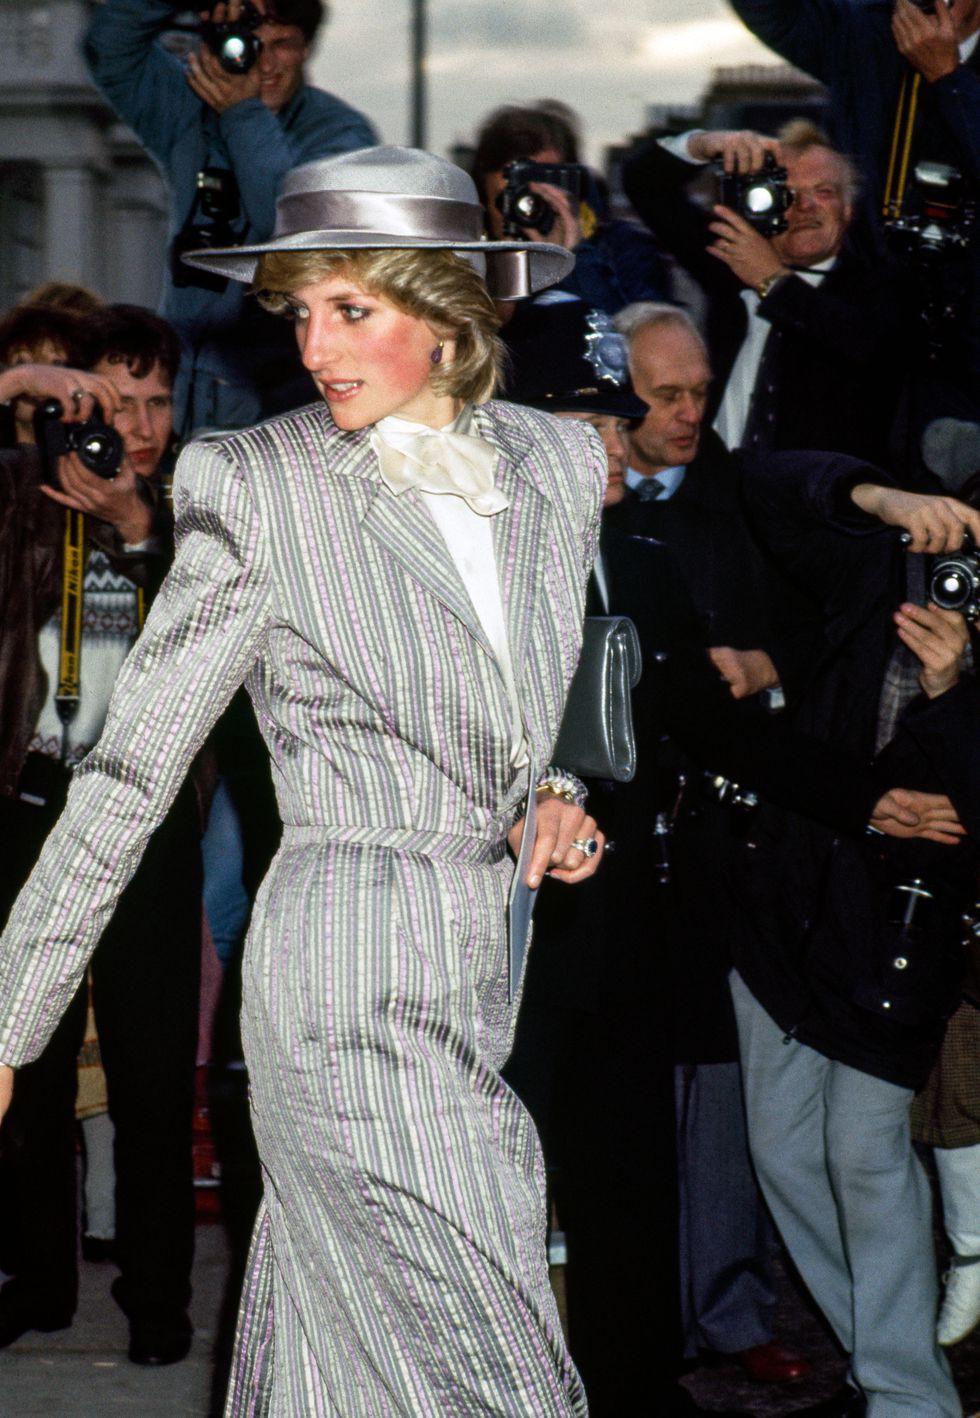 Đi đám cưới mà diện nào jumpsuit, nào đồ menswear, Công nương Diana chính là nữ nhân Hoàng gia có style dự đám cưới chất chơi nhất - Ảnh 3.